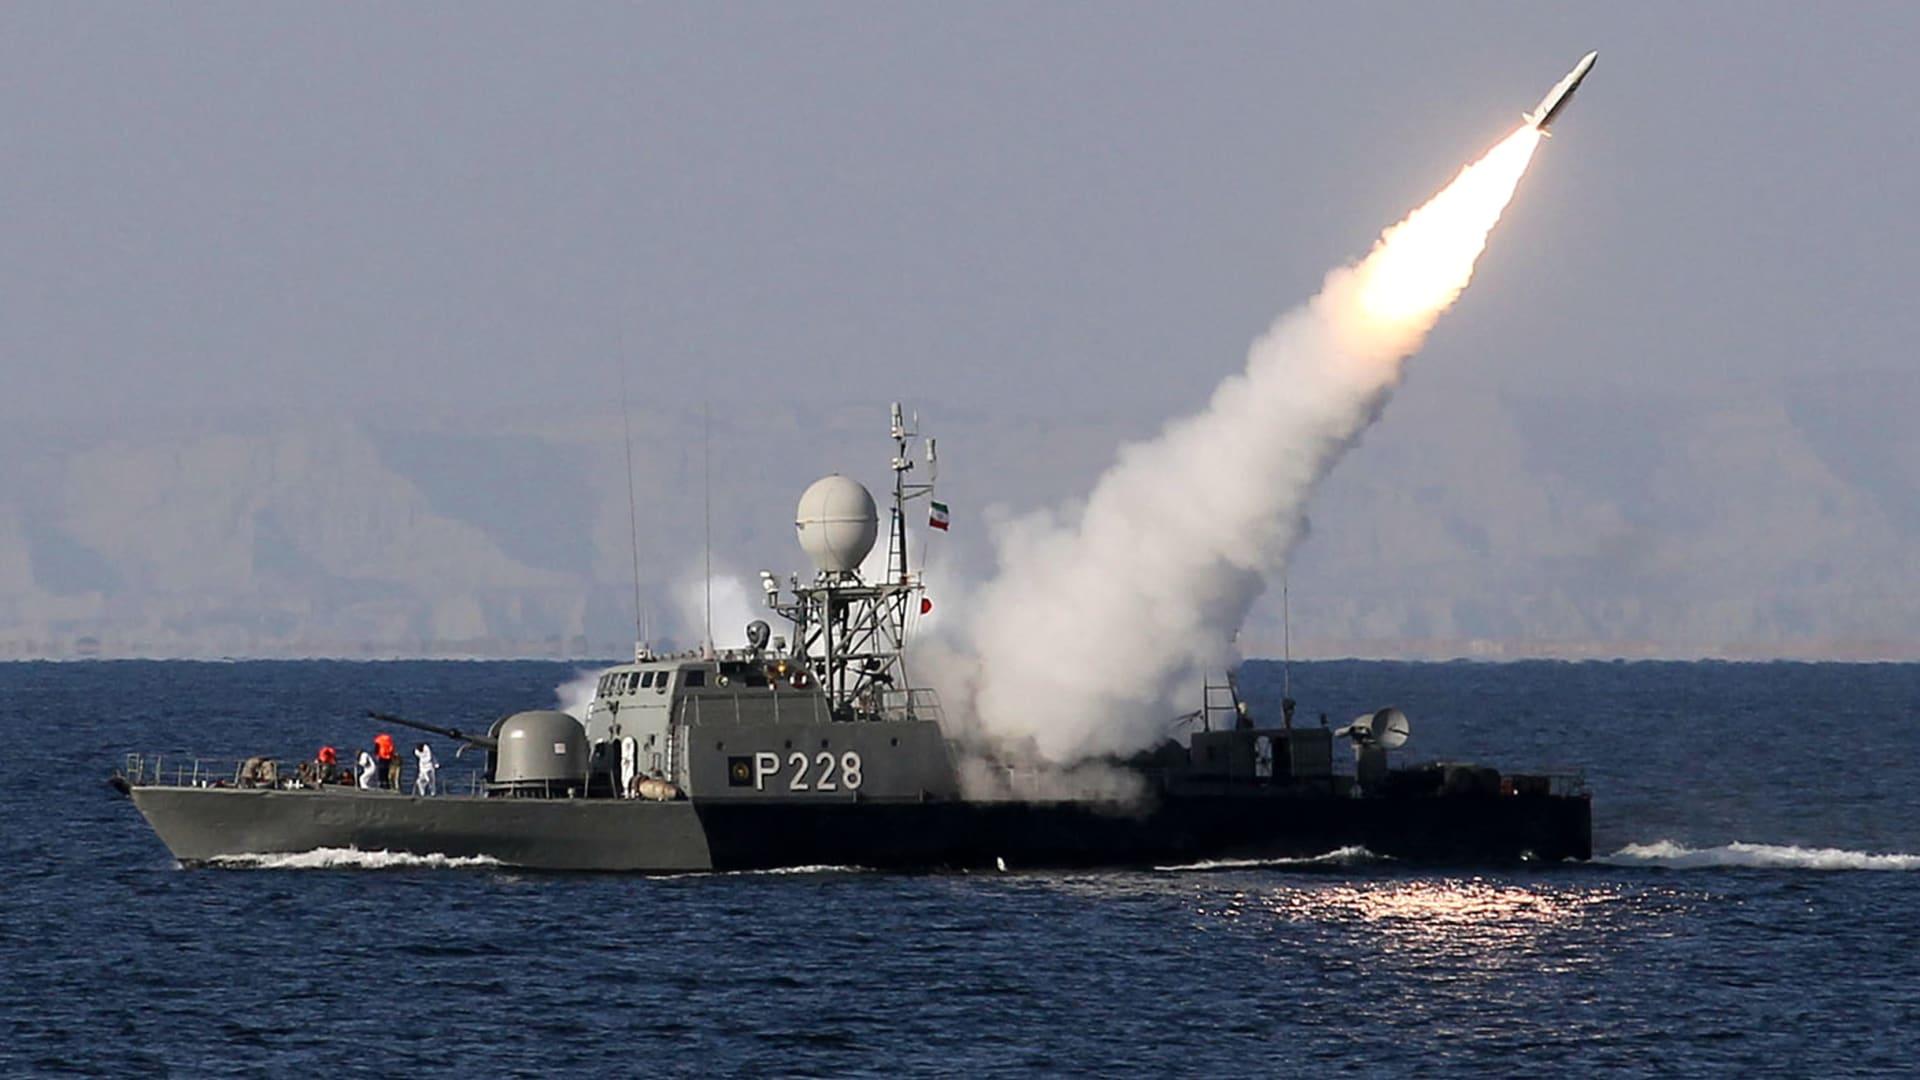 إيران تستعرض قوتها وتتحدى أمريكا ببرنامجها الصاروخي